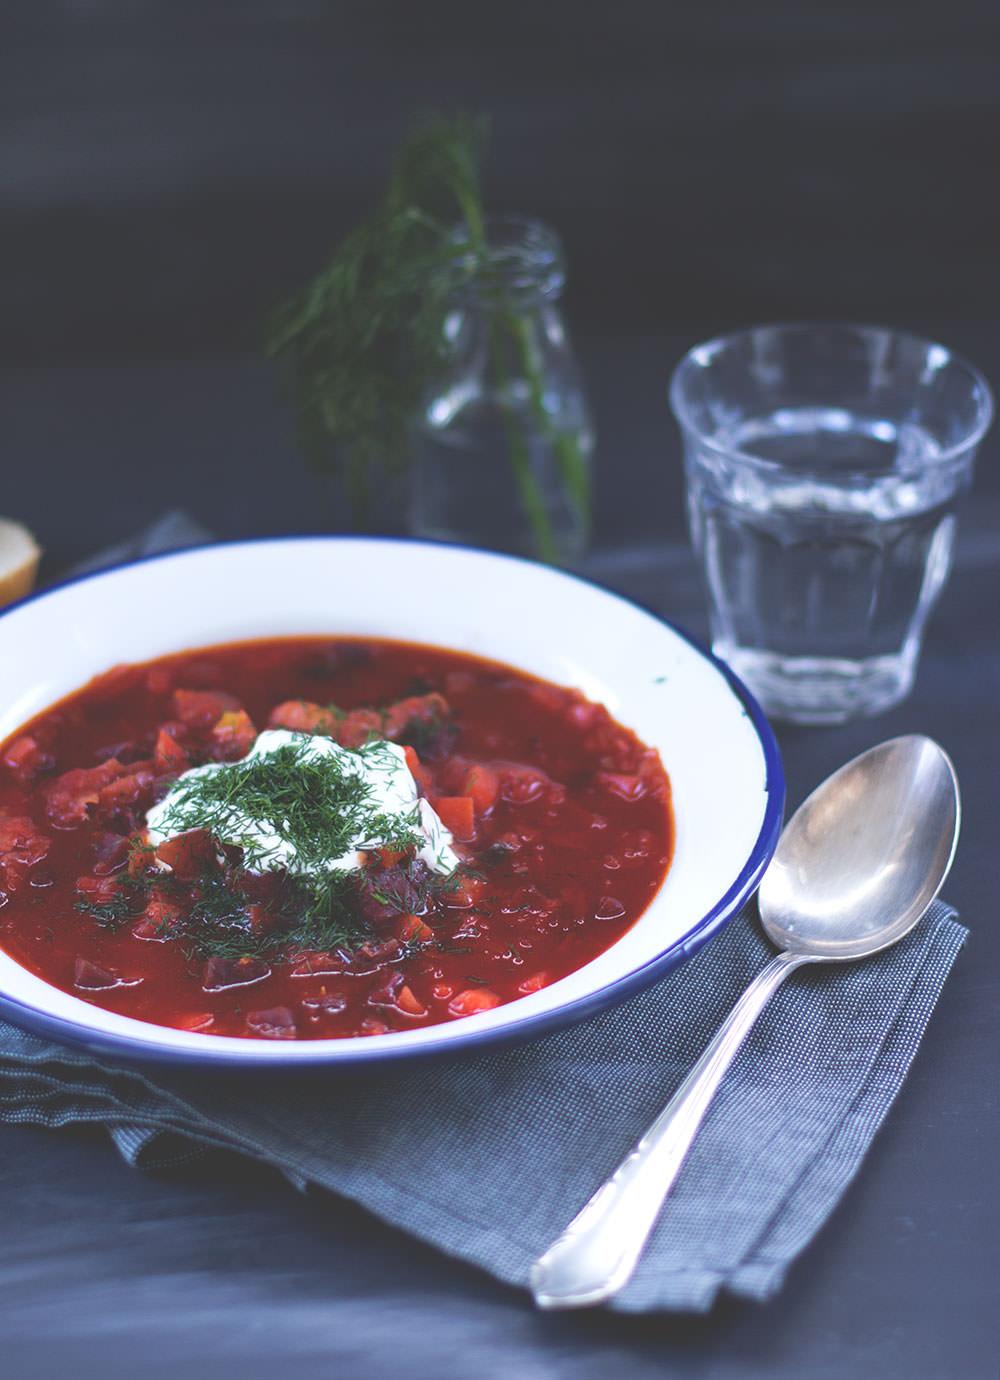 Meine 10 liebsten Rezepte im Blog - Borschtsch aus dem Thermomix von moeyskitchen.com